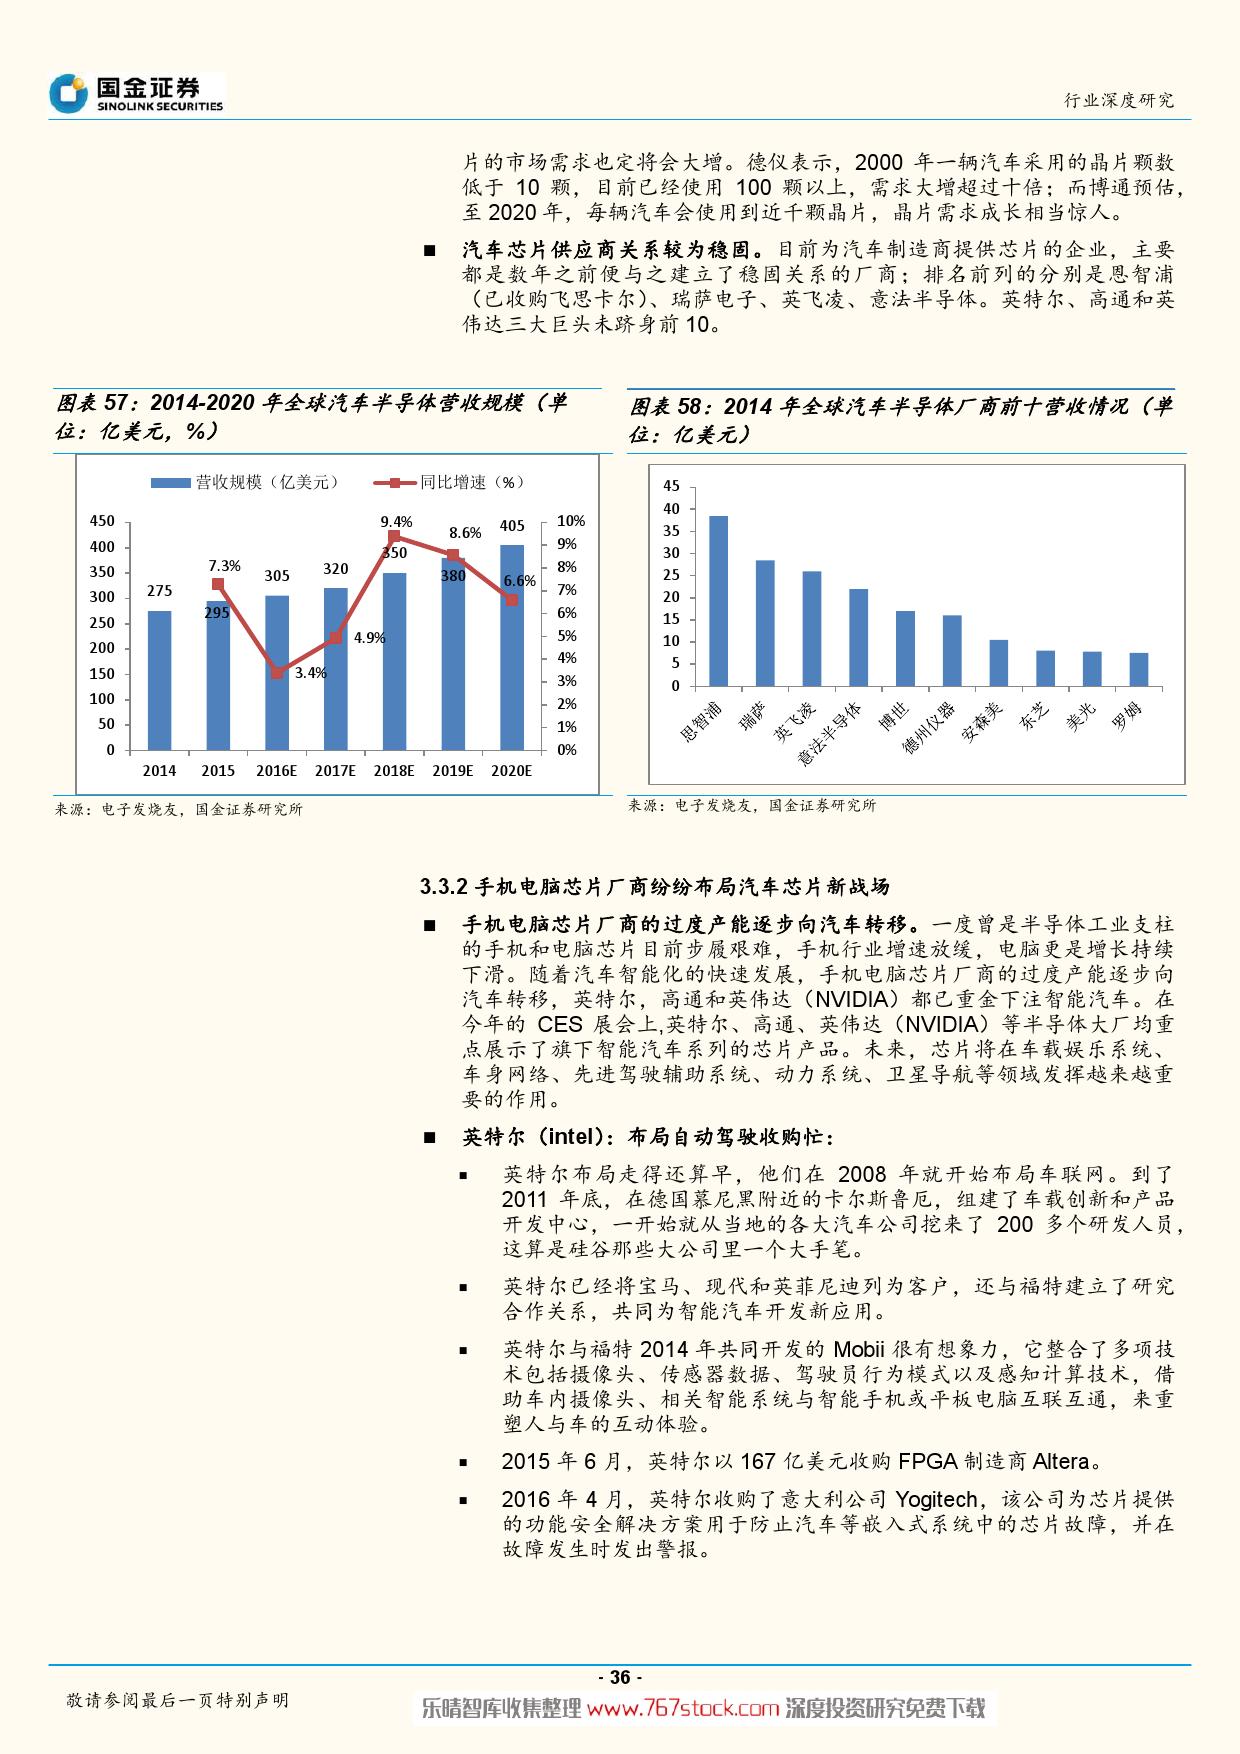 特斯拉产业系列深度报告-智能驾驶爆发在即_000036